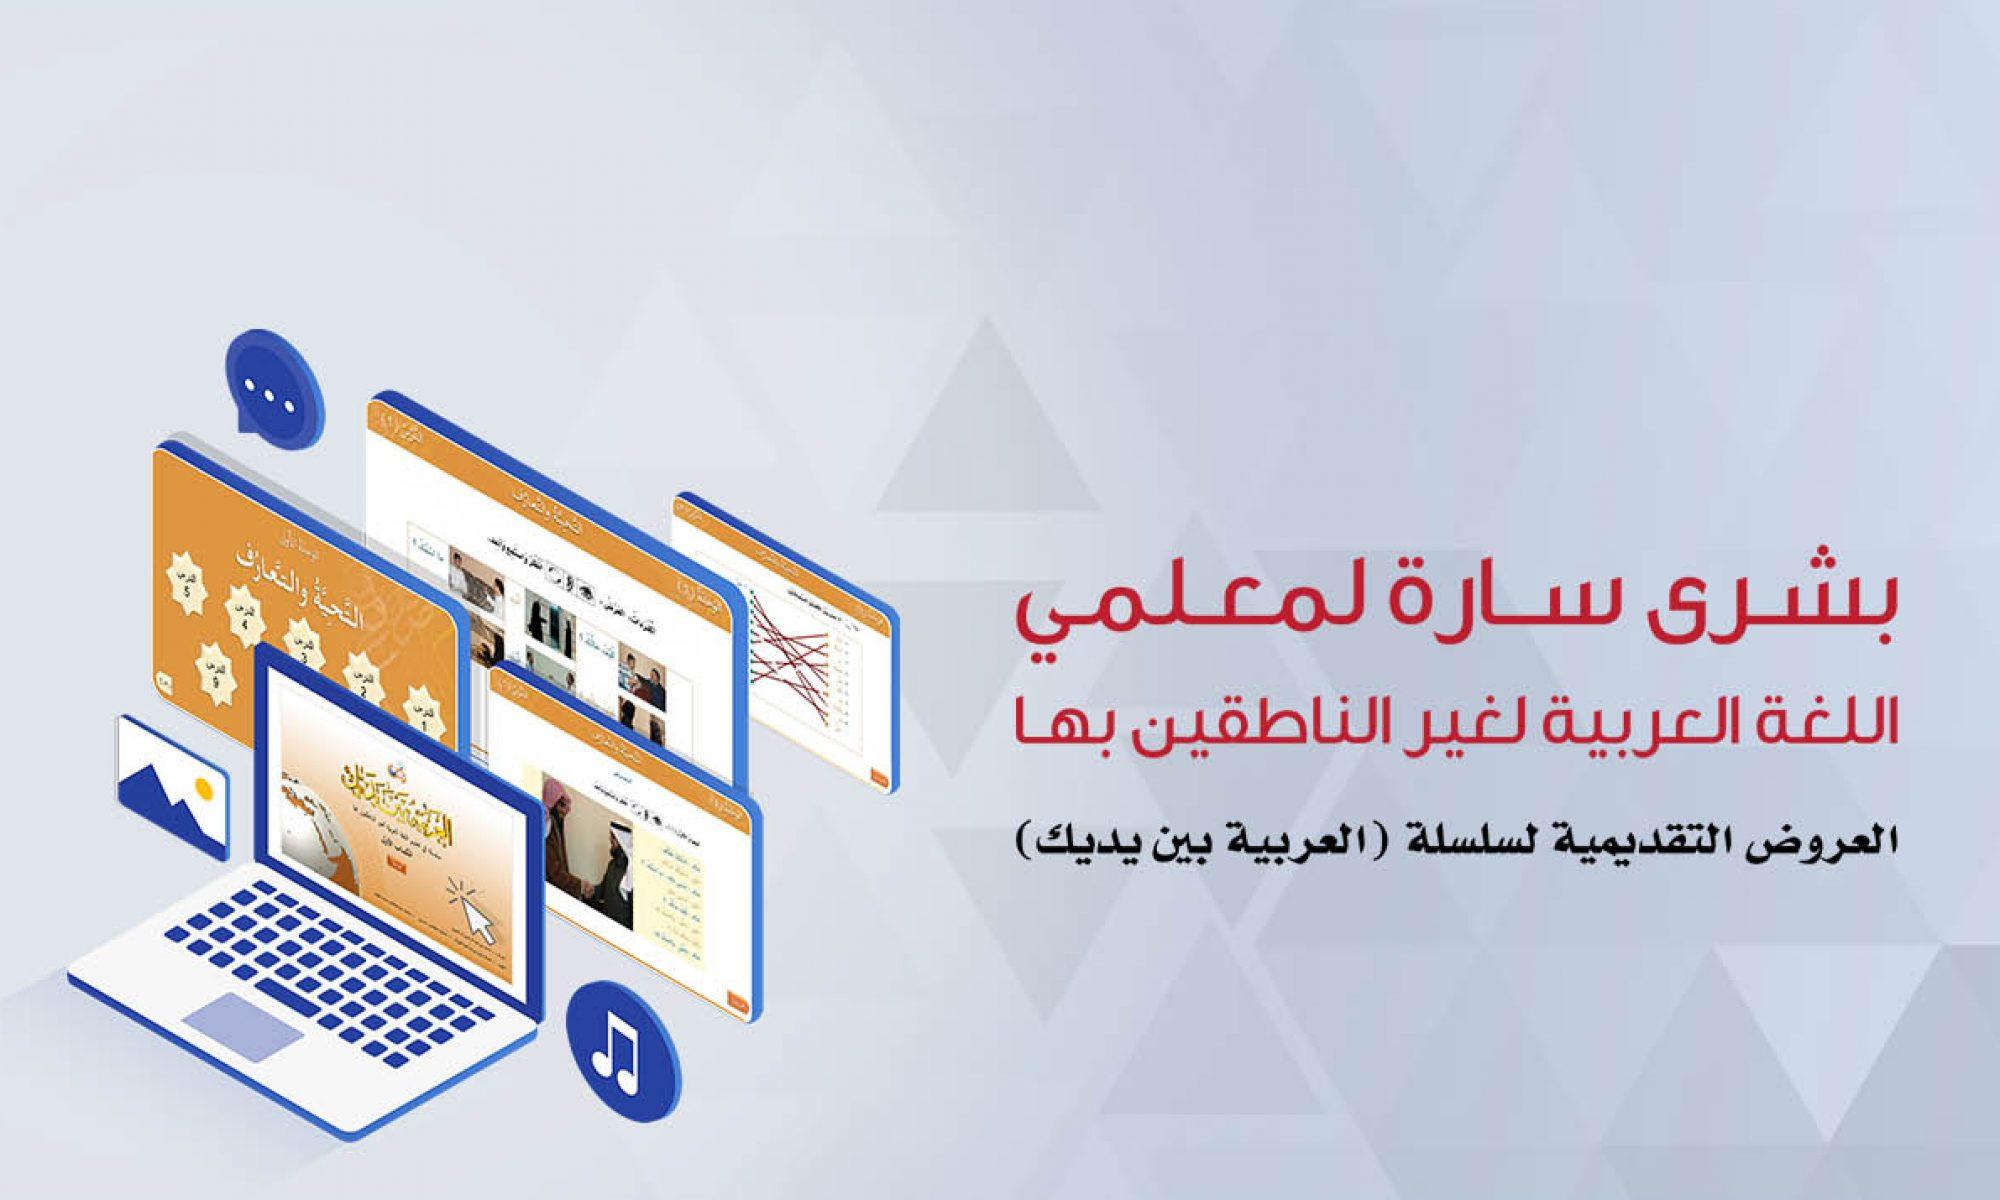 Sekilas Tentang Al Arabiyah Baina Yadaik Pt Future Media Gate Fmg